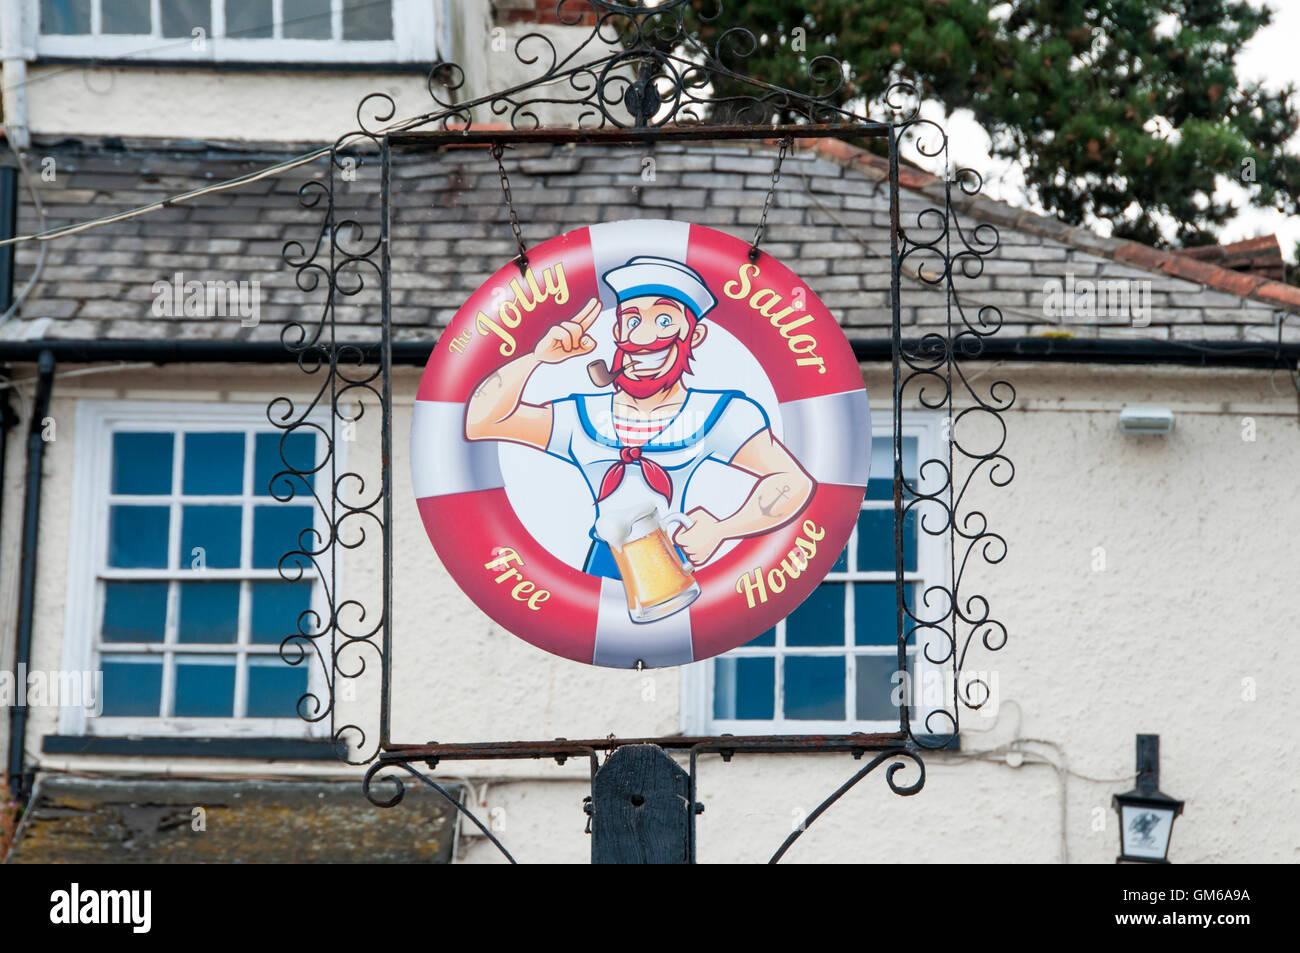 Señal para el pub Jolly Sailor en Maldon, Essex. Imagen De Stock